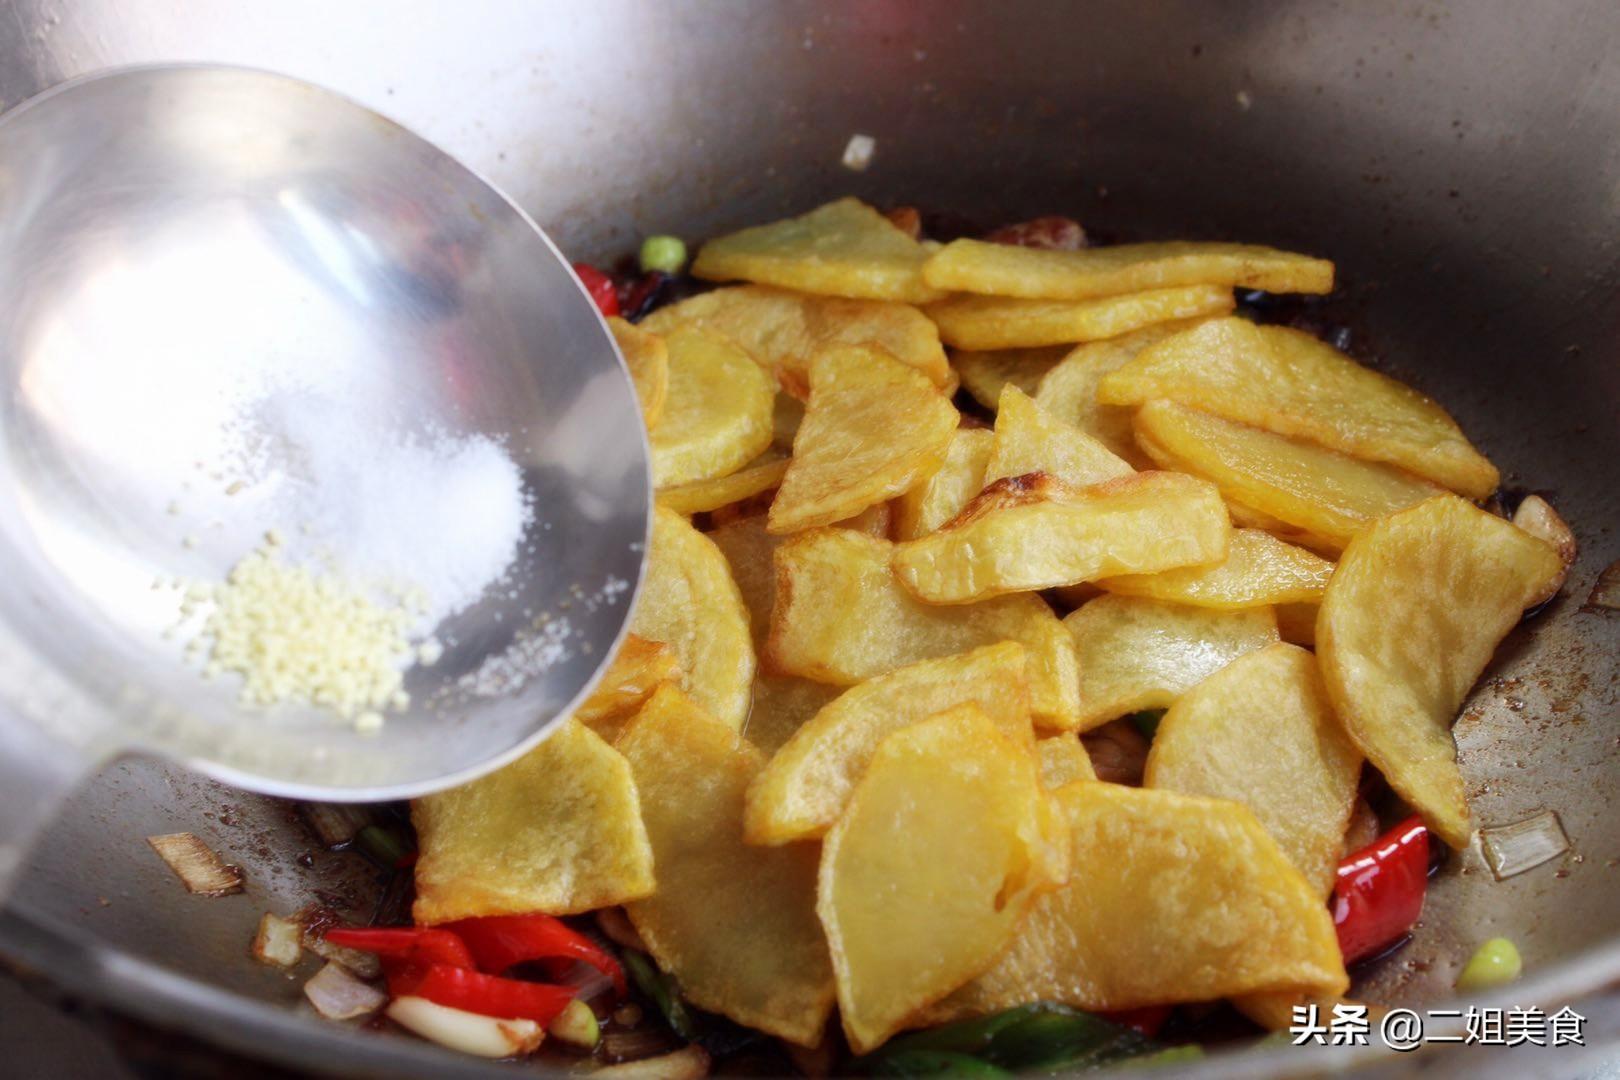 炒土豆片,牢记别直接下锅炒,多做一步,土豆片入味还解馋,好吃